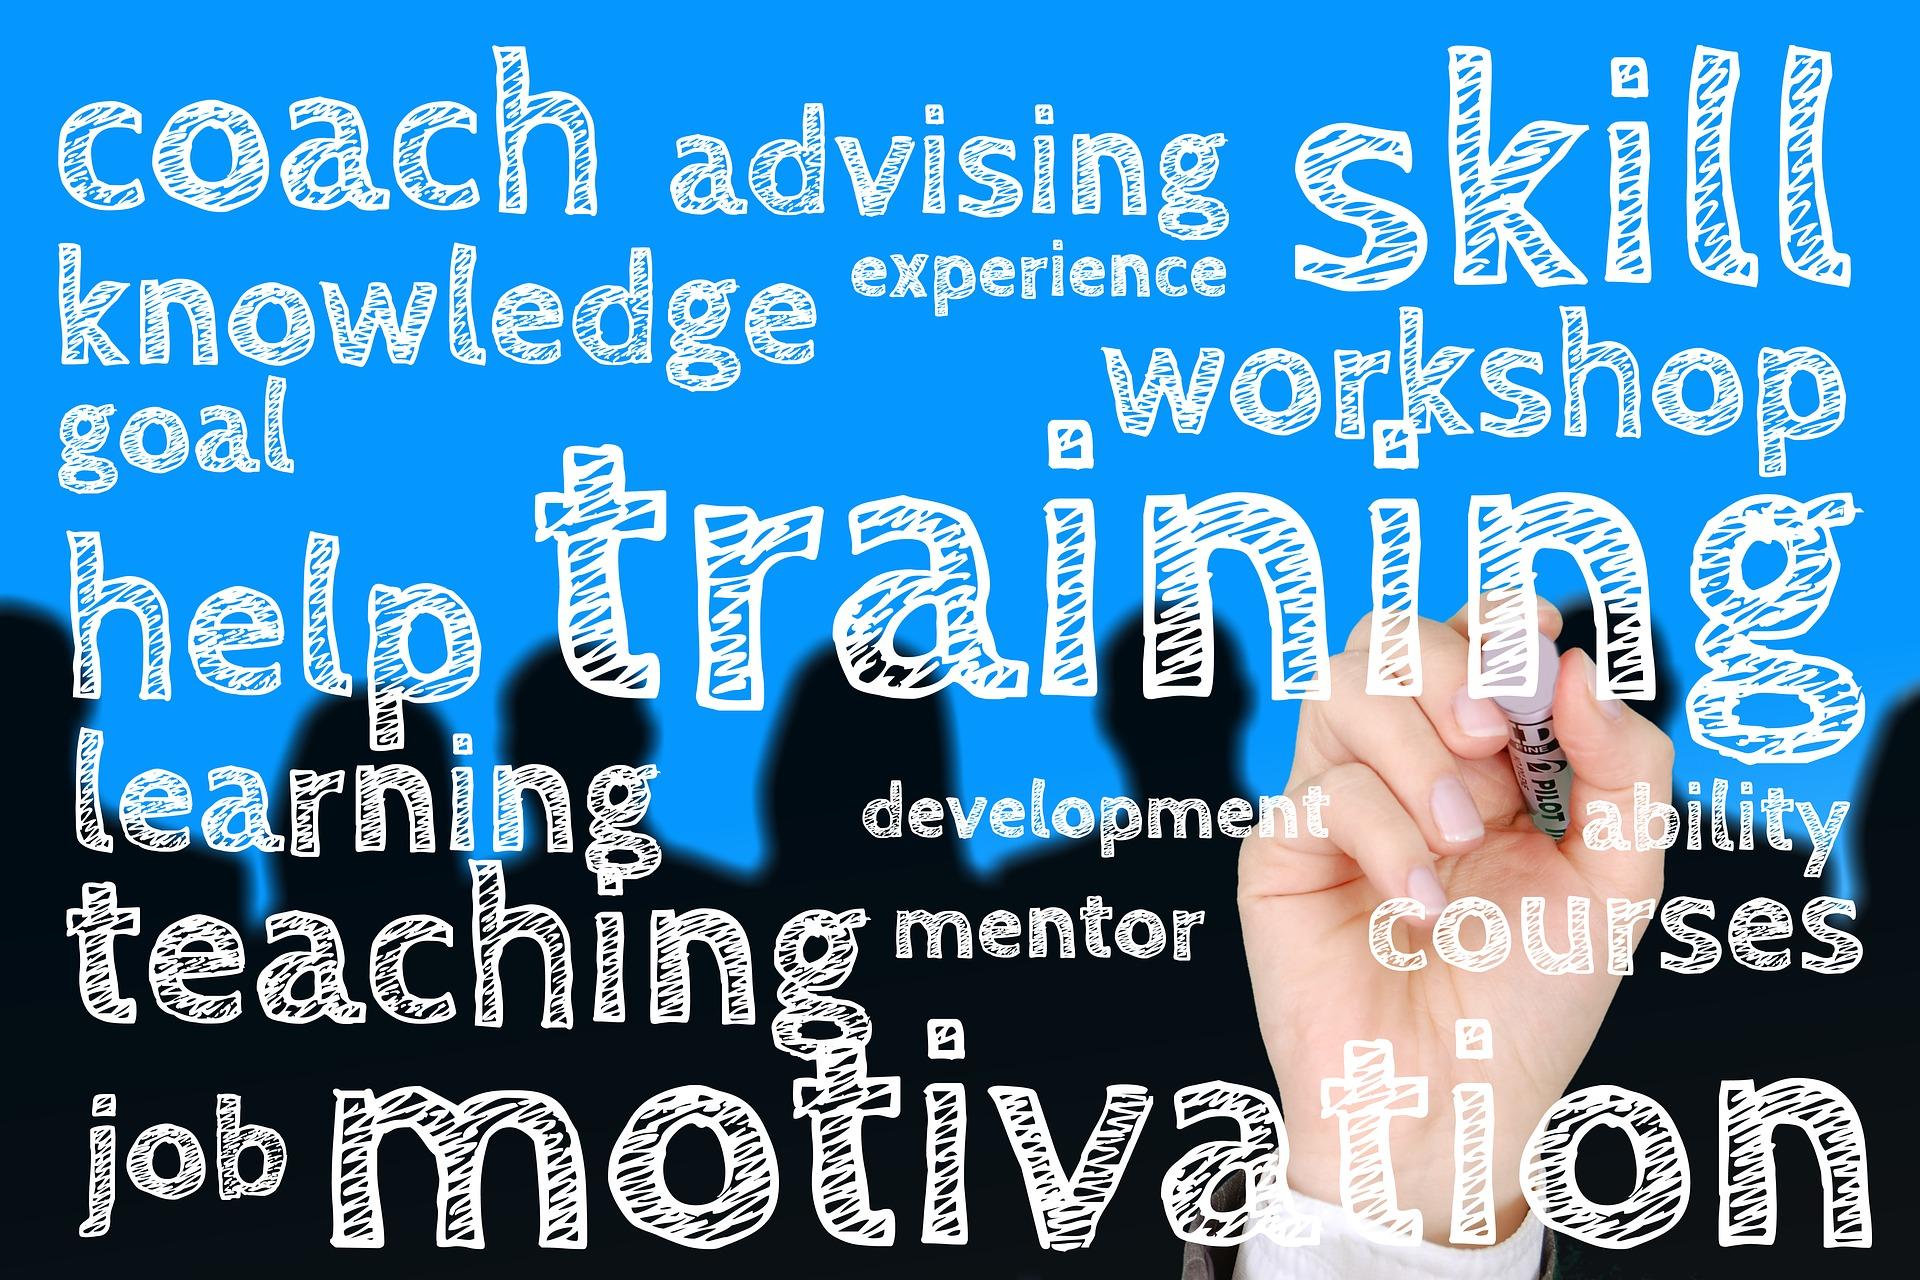 Następnym etapem warunkującym udaną rekrutację jest proces wdrożeniowy. 9 na 10 osób przyjętych do pracy zostaje w niej dłużej, jeśli w pierwszych 3-6 miesiącach są odpowiednio wspierani przez liderów. (fot. pixabay.com)